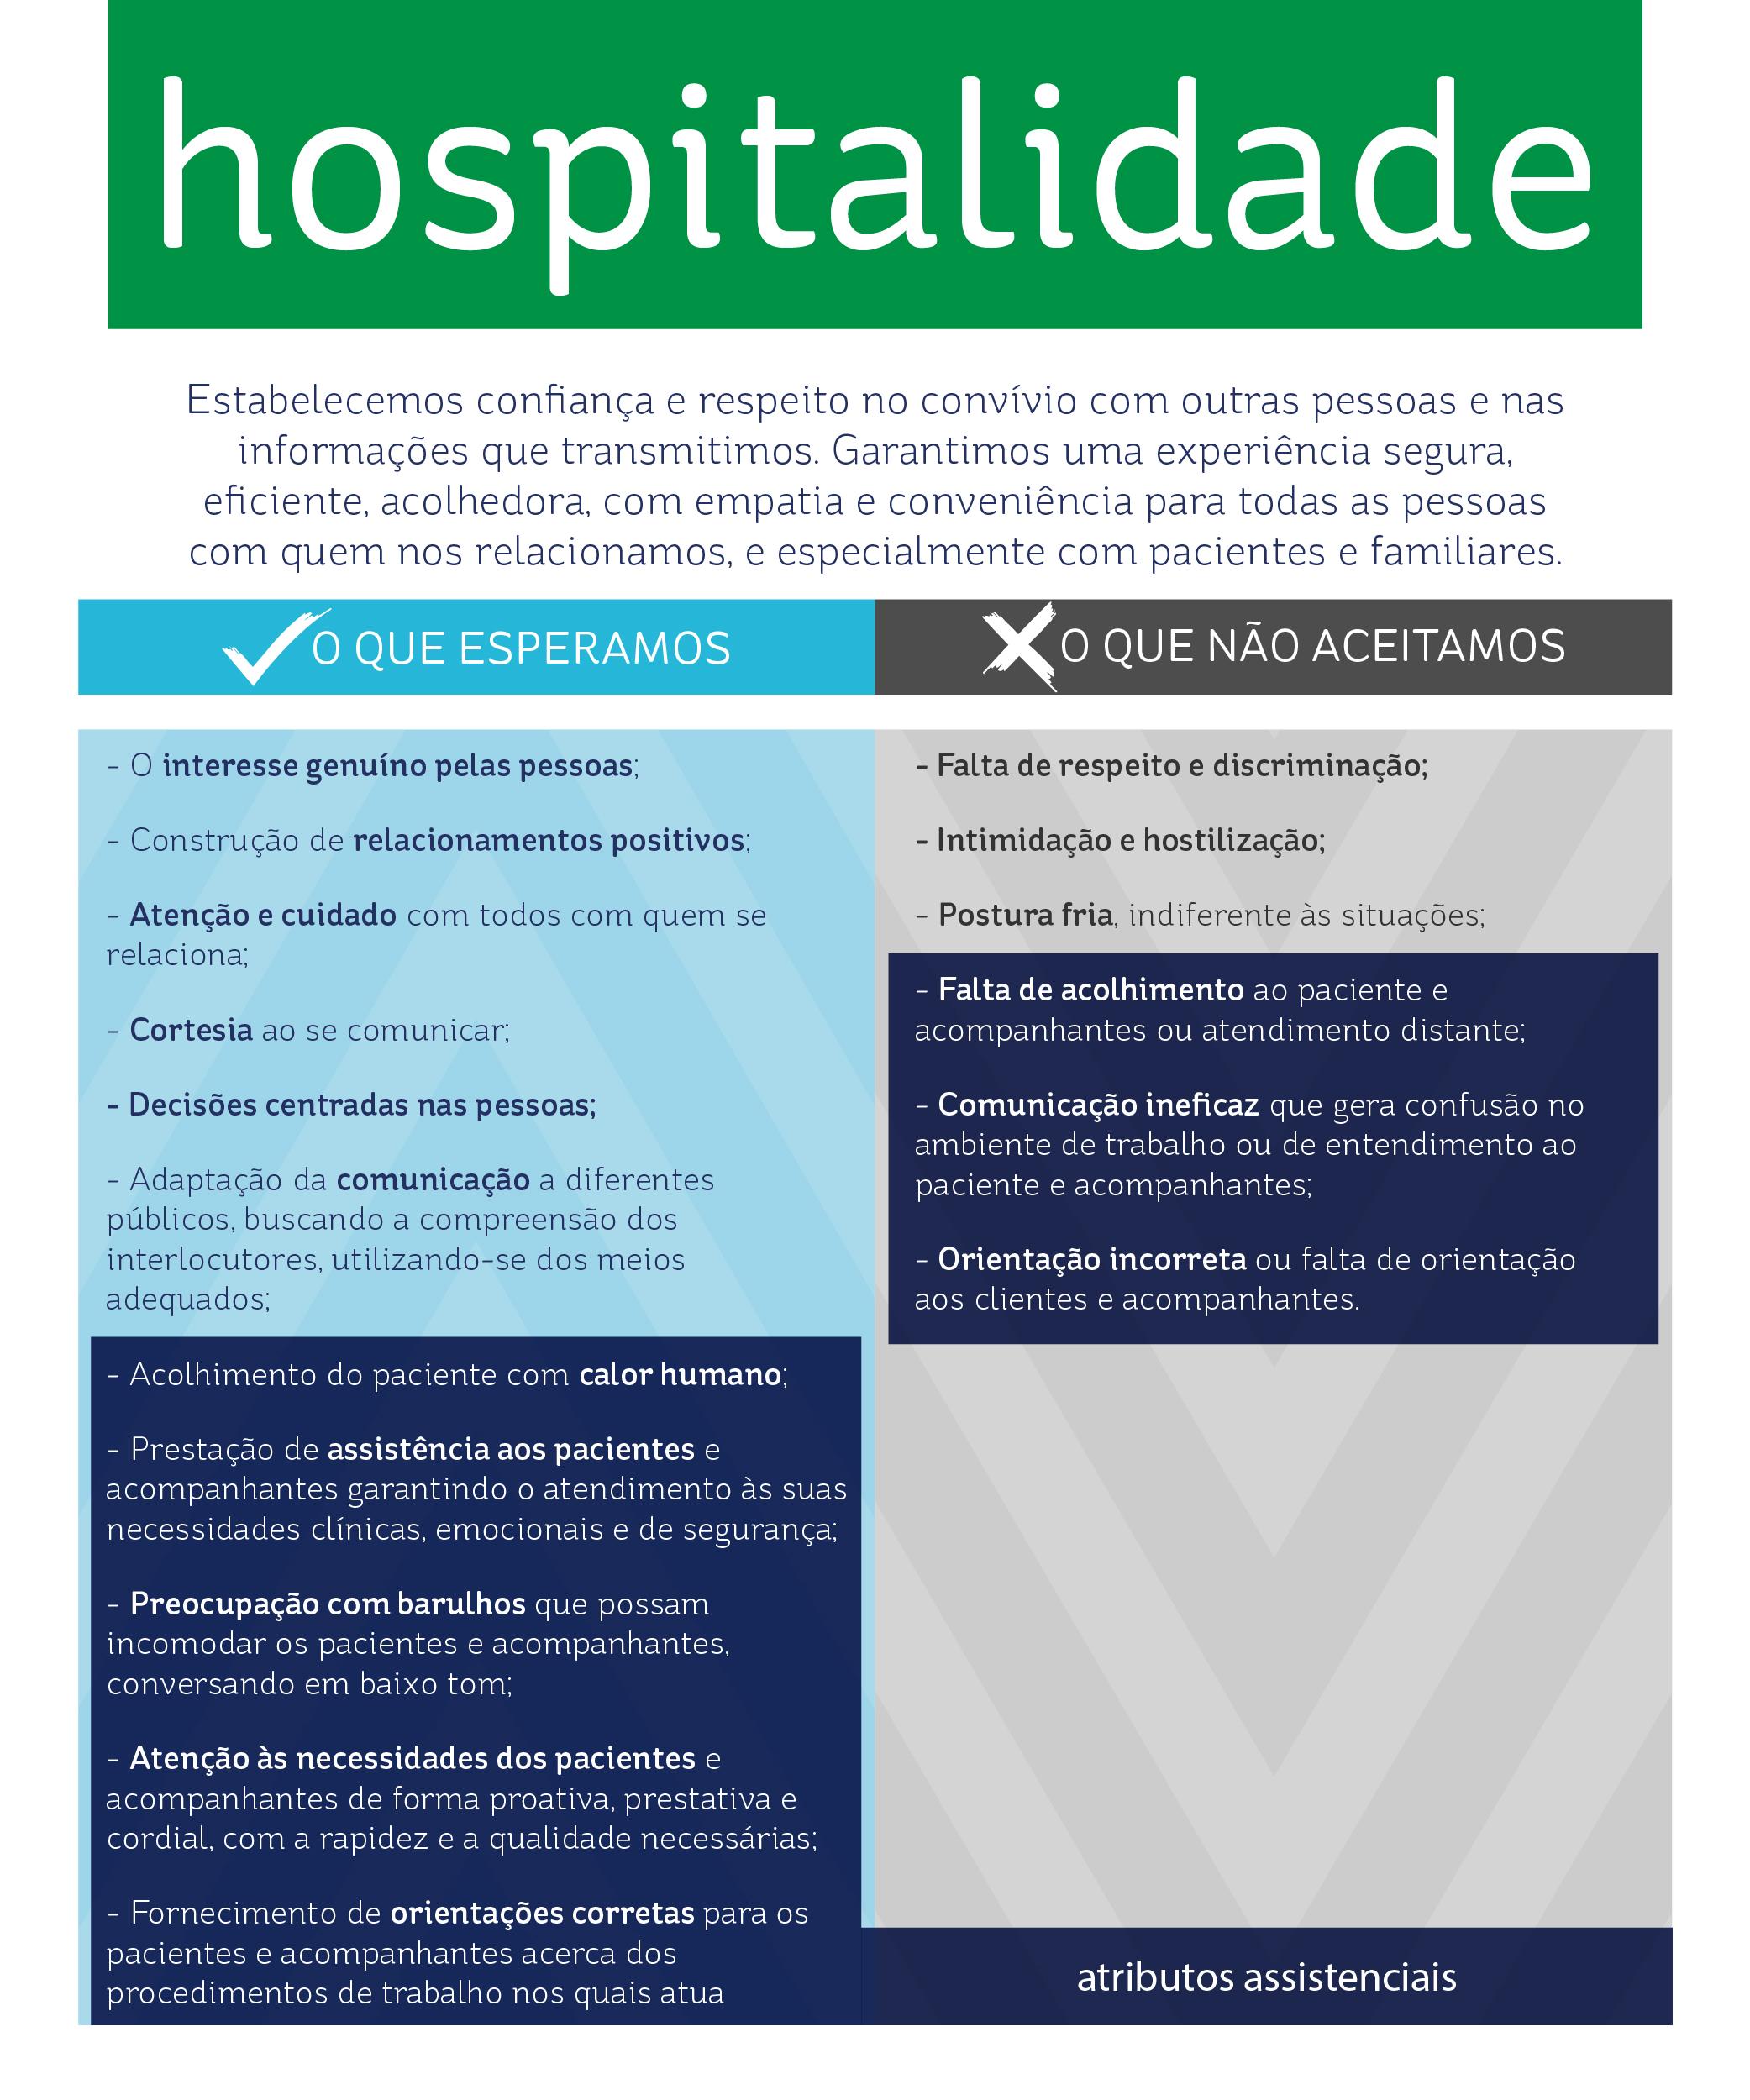 hospitalidade_redeimpar